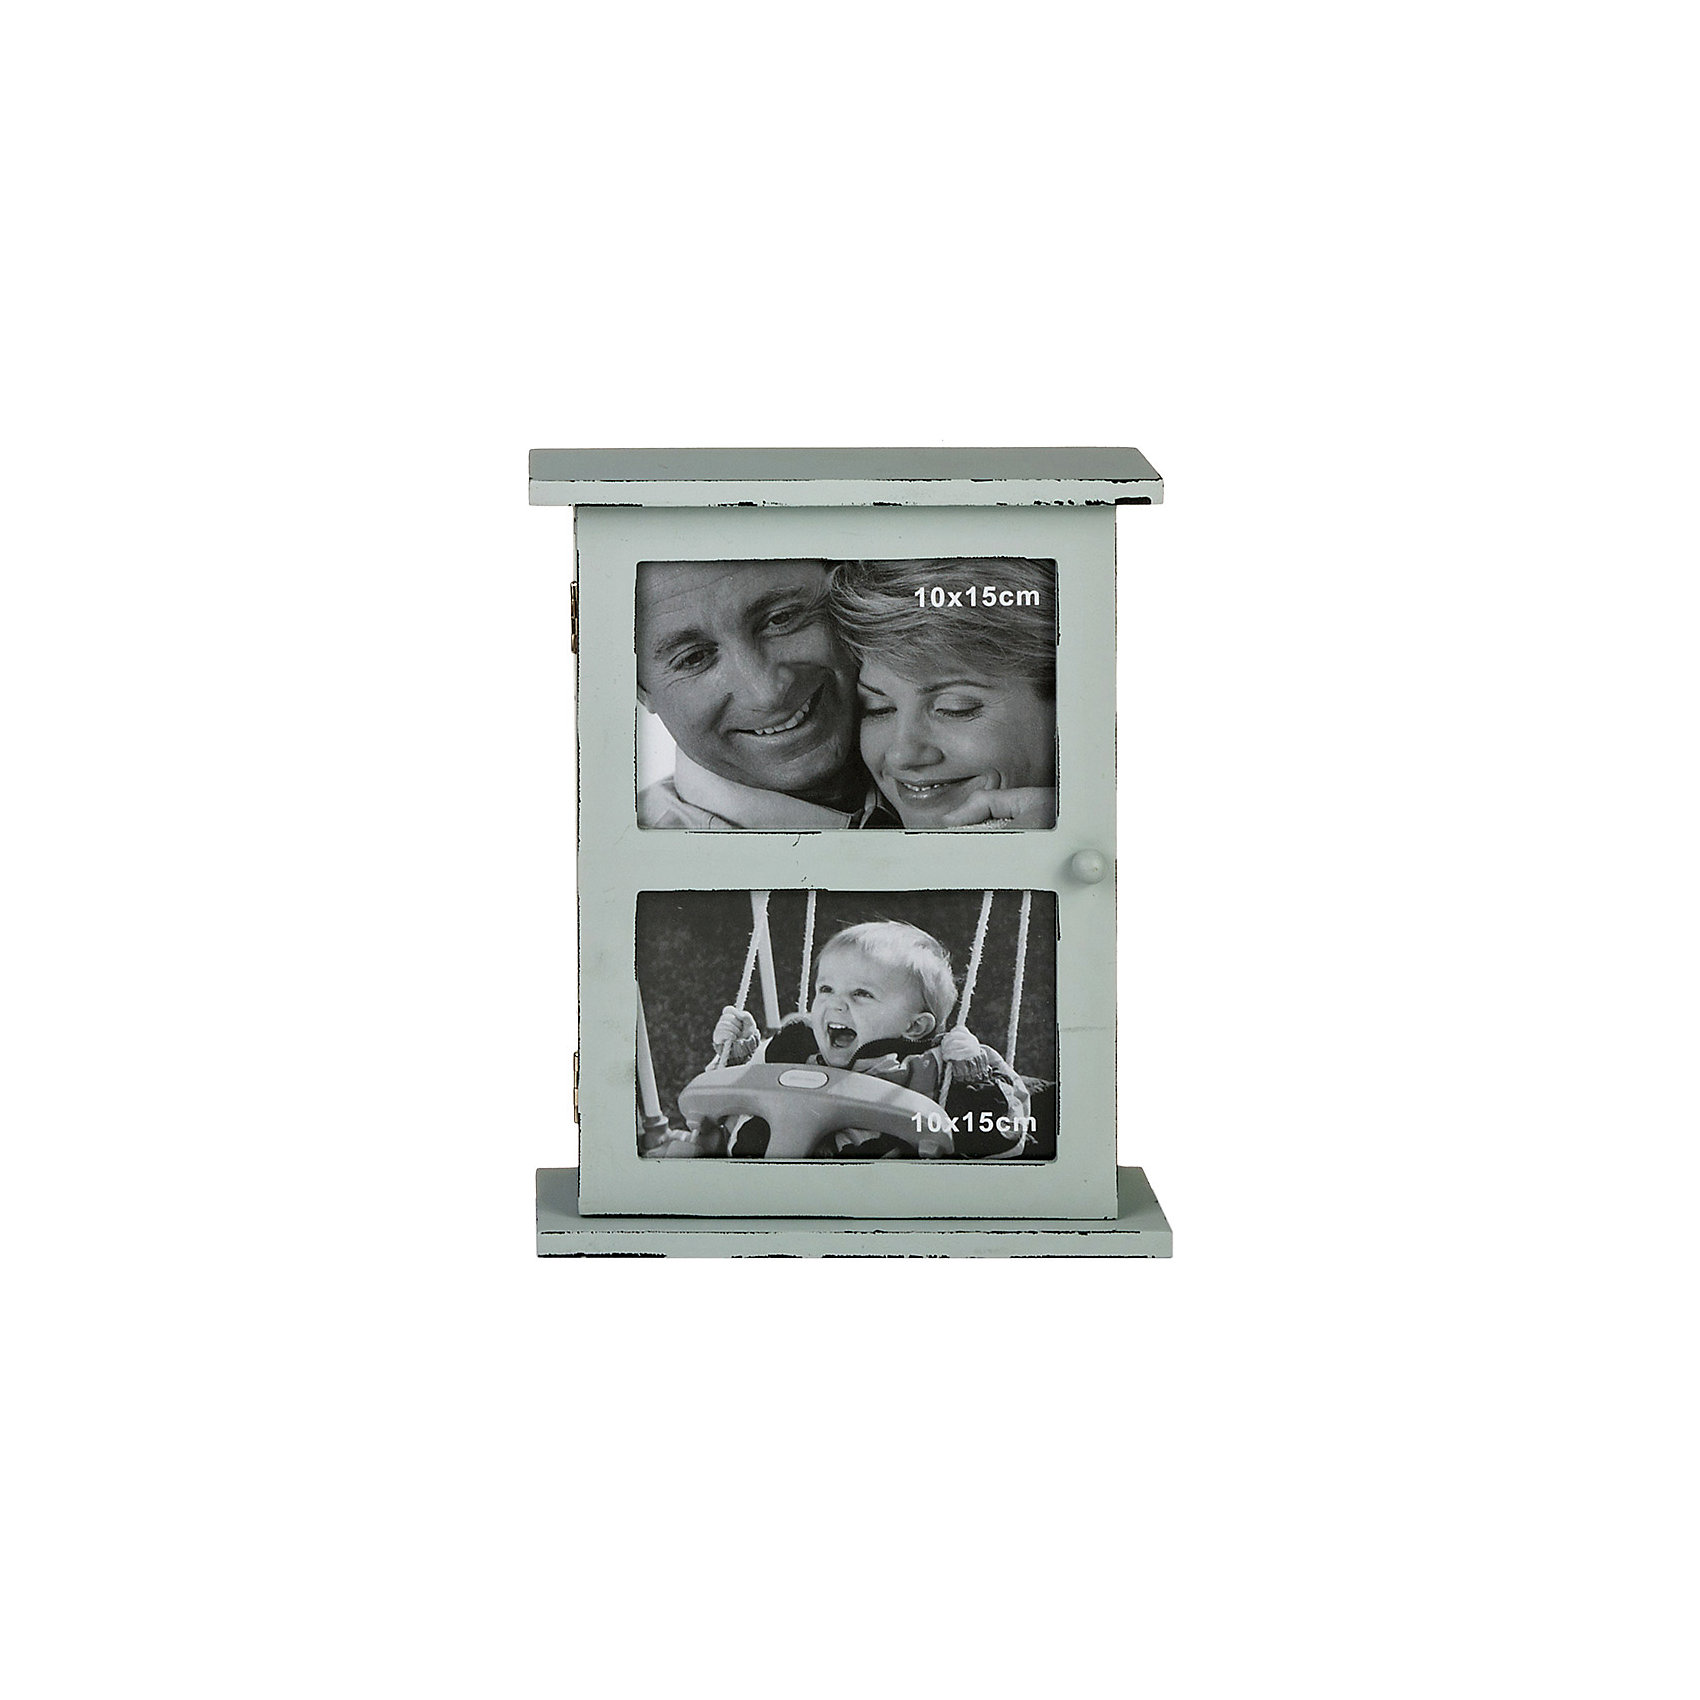 Ключница Miralight со стеклянной дверцей и 2 фоторамками, Яркий праздникПредметы интерьера<br>Ключница Miralight со стеклянной дверцей и 2 фоторамками, Яркий праздник<br><br>Характеристики:<br><br>• Состав: древесноволокнистая плита средней плотности, стекло<br>• Размер фотографий: 10 * 15 см.<br>• Размер: 26,5 * 6,5 * 21 см.<br>• Страна производитель: Китай<br><br>Изящная ключница от компании Miralight (Миралайт) станет стильным украшением прихожей и практичным местом, где будут храниться ключи дома. Благодаря двум петлям коробочку можно повесить на стену, а можно просто поставить на полочку или комод. Ключница станет отличным и актуальным подарком на новоселье и будет просто незаменима на даче. <br><br>Целых шесть удобных крючков для ключей уберегут ключи от потери и от шустрых пальчиков маленьких детей. Лаконичный пастельный цвет ключницы впишется в любой интерьер. Вы можете вставить две горизонтальные семейные фотографии стандартного размера, чтобы персонализировать вашу ключнику. Привнесите в свой дом атмосферу уюта и яркого праздника вместе с новой ключницей!<br><br>Ключницу Miralight со стеклянной дверцей и 2 фоторамками, Яркий праздник можно купить в нашем интернет-магазине.<br><br>Ширина мм: 210<br>Глубина мм: 65<br>Высота мм: 265<br>Вес г: 215<br>Возраст от месяцев: 36<br>Возраст до месяцев: 2147483647<br>Пол: Унисекс<br>Возраст: Детский<br>SKU: 5453955